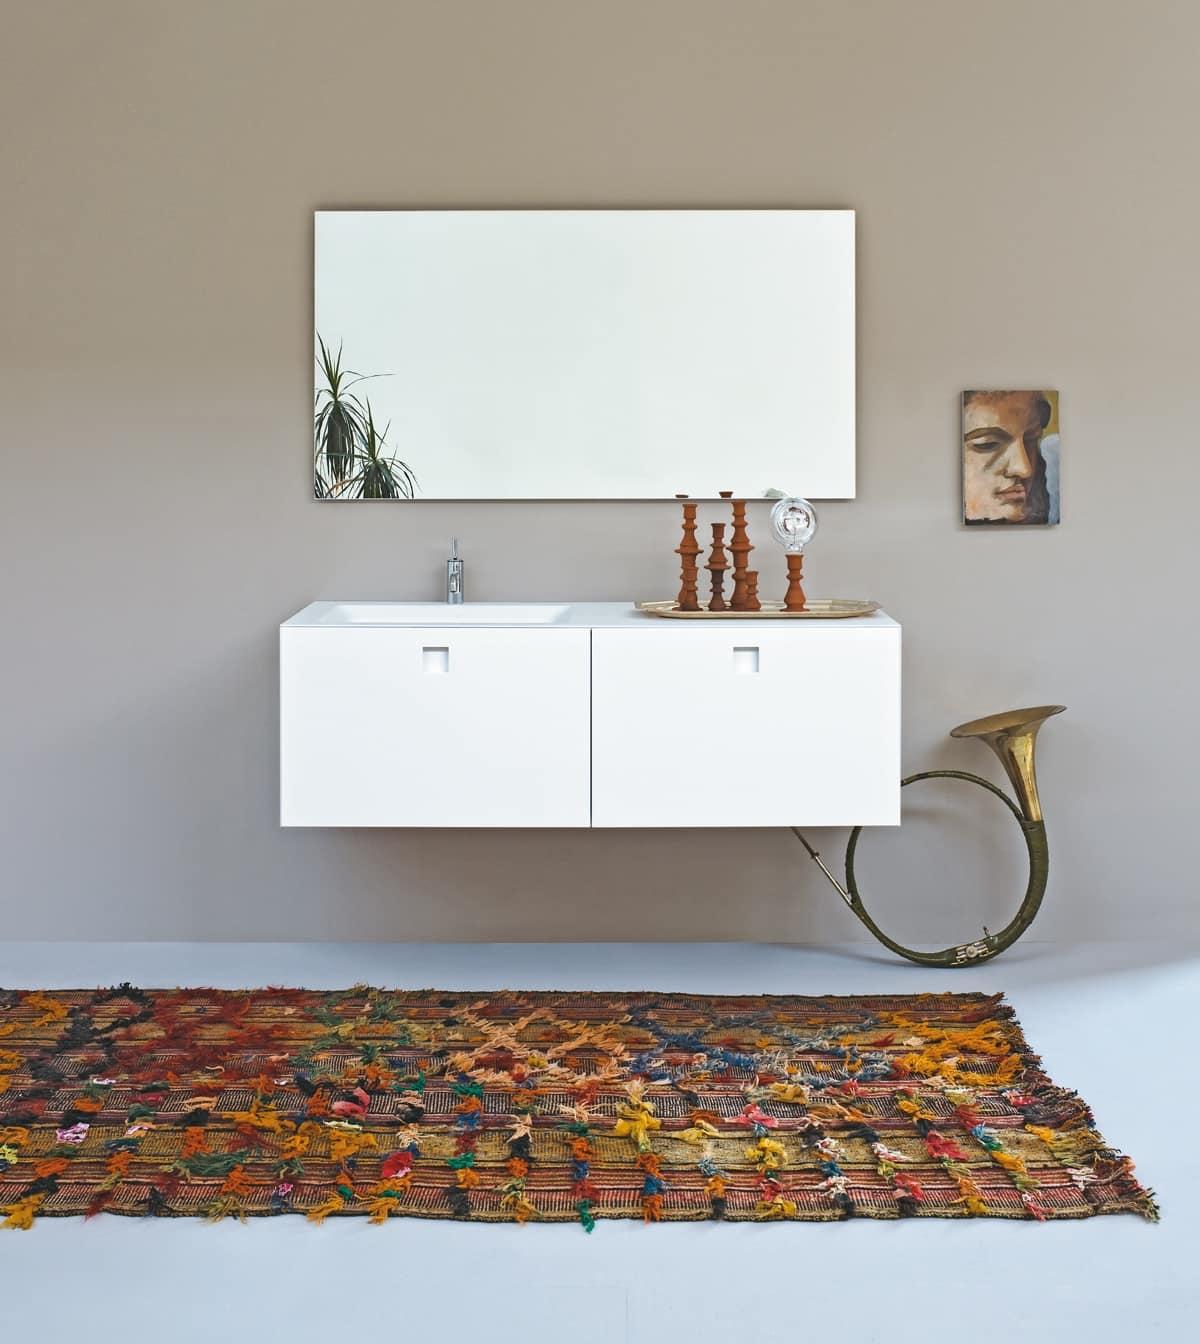 Mobile bagno minimale con lavandino integrato colore - Lavandino con mobile bagno ...